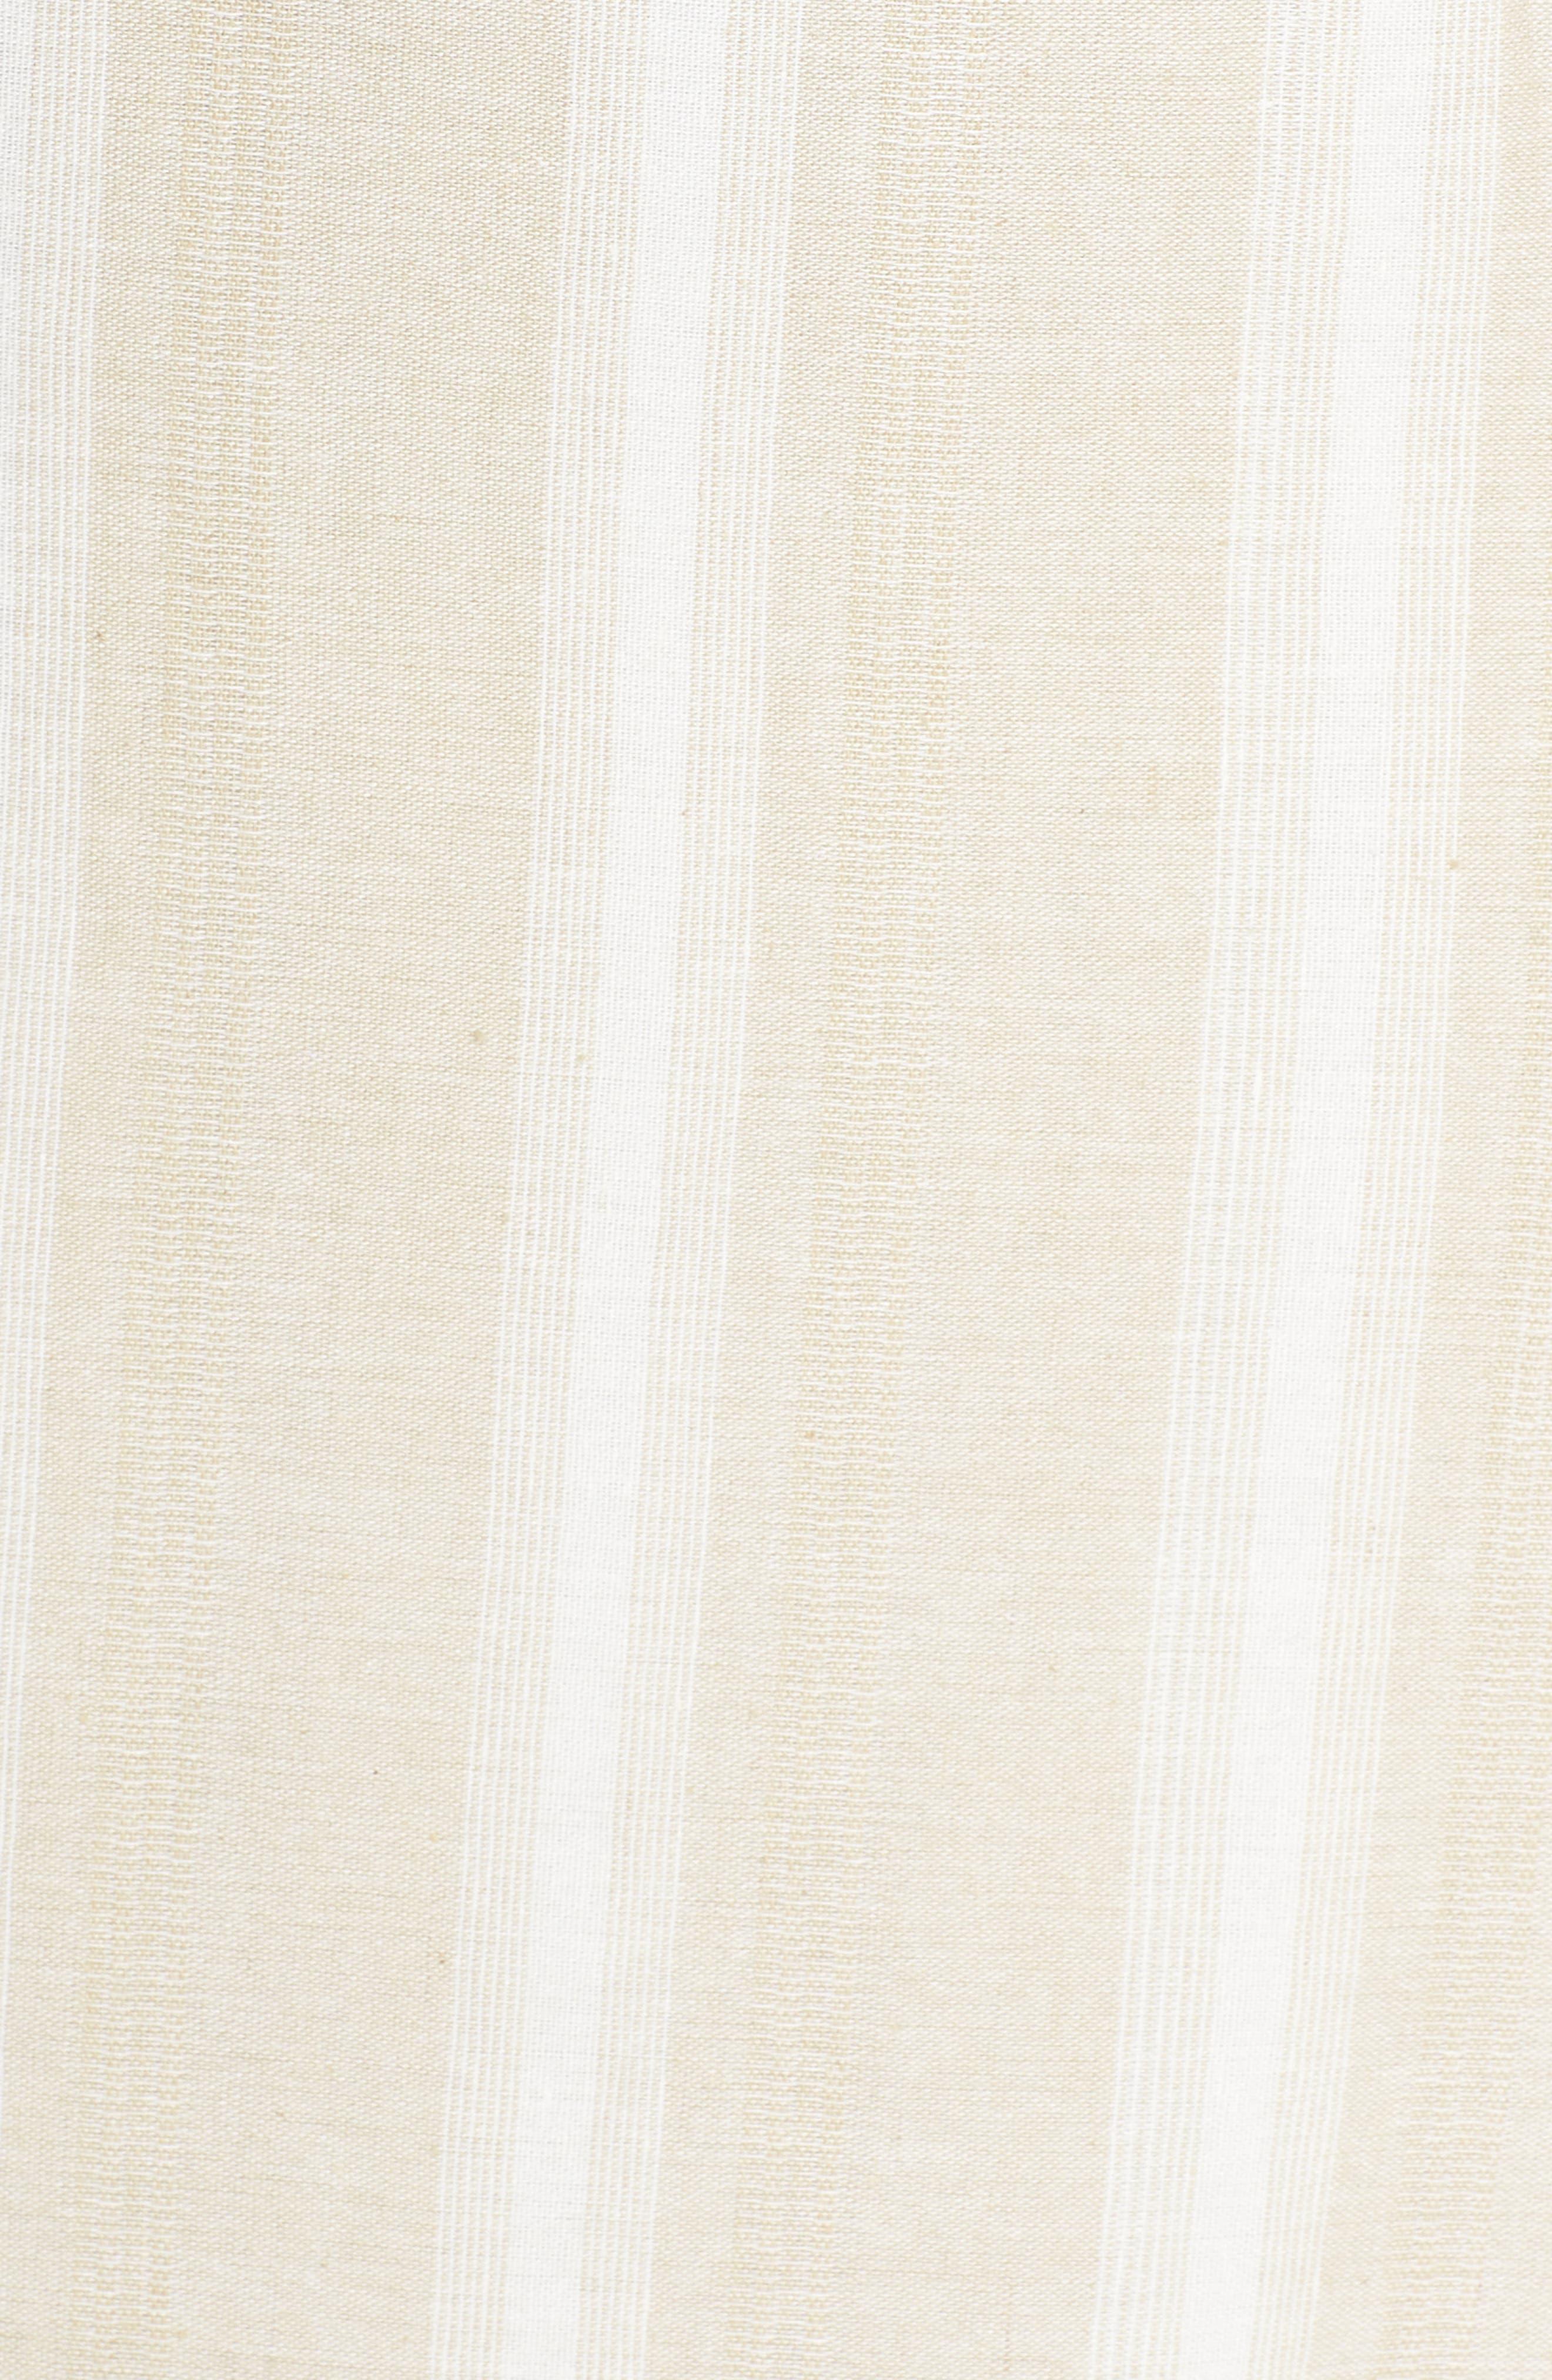 Peekabo Stripe Midi Dress,                             Alternate thumbnail 6, color,                             250